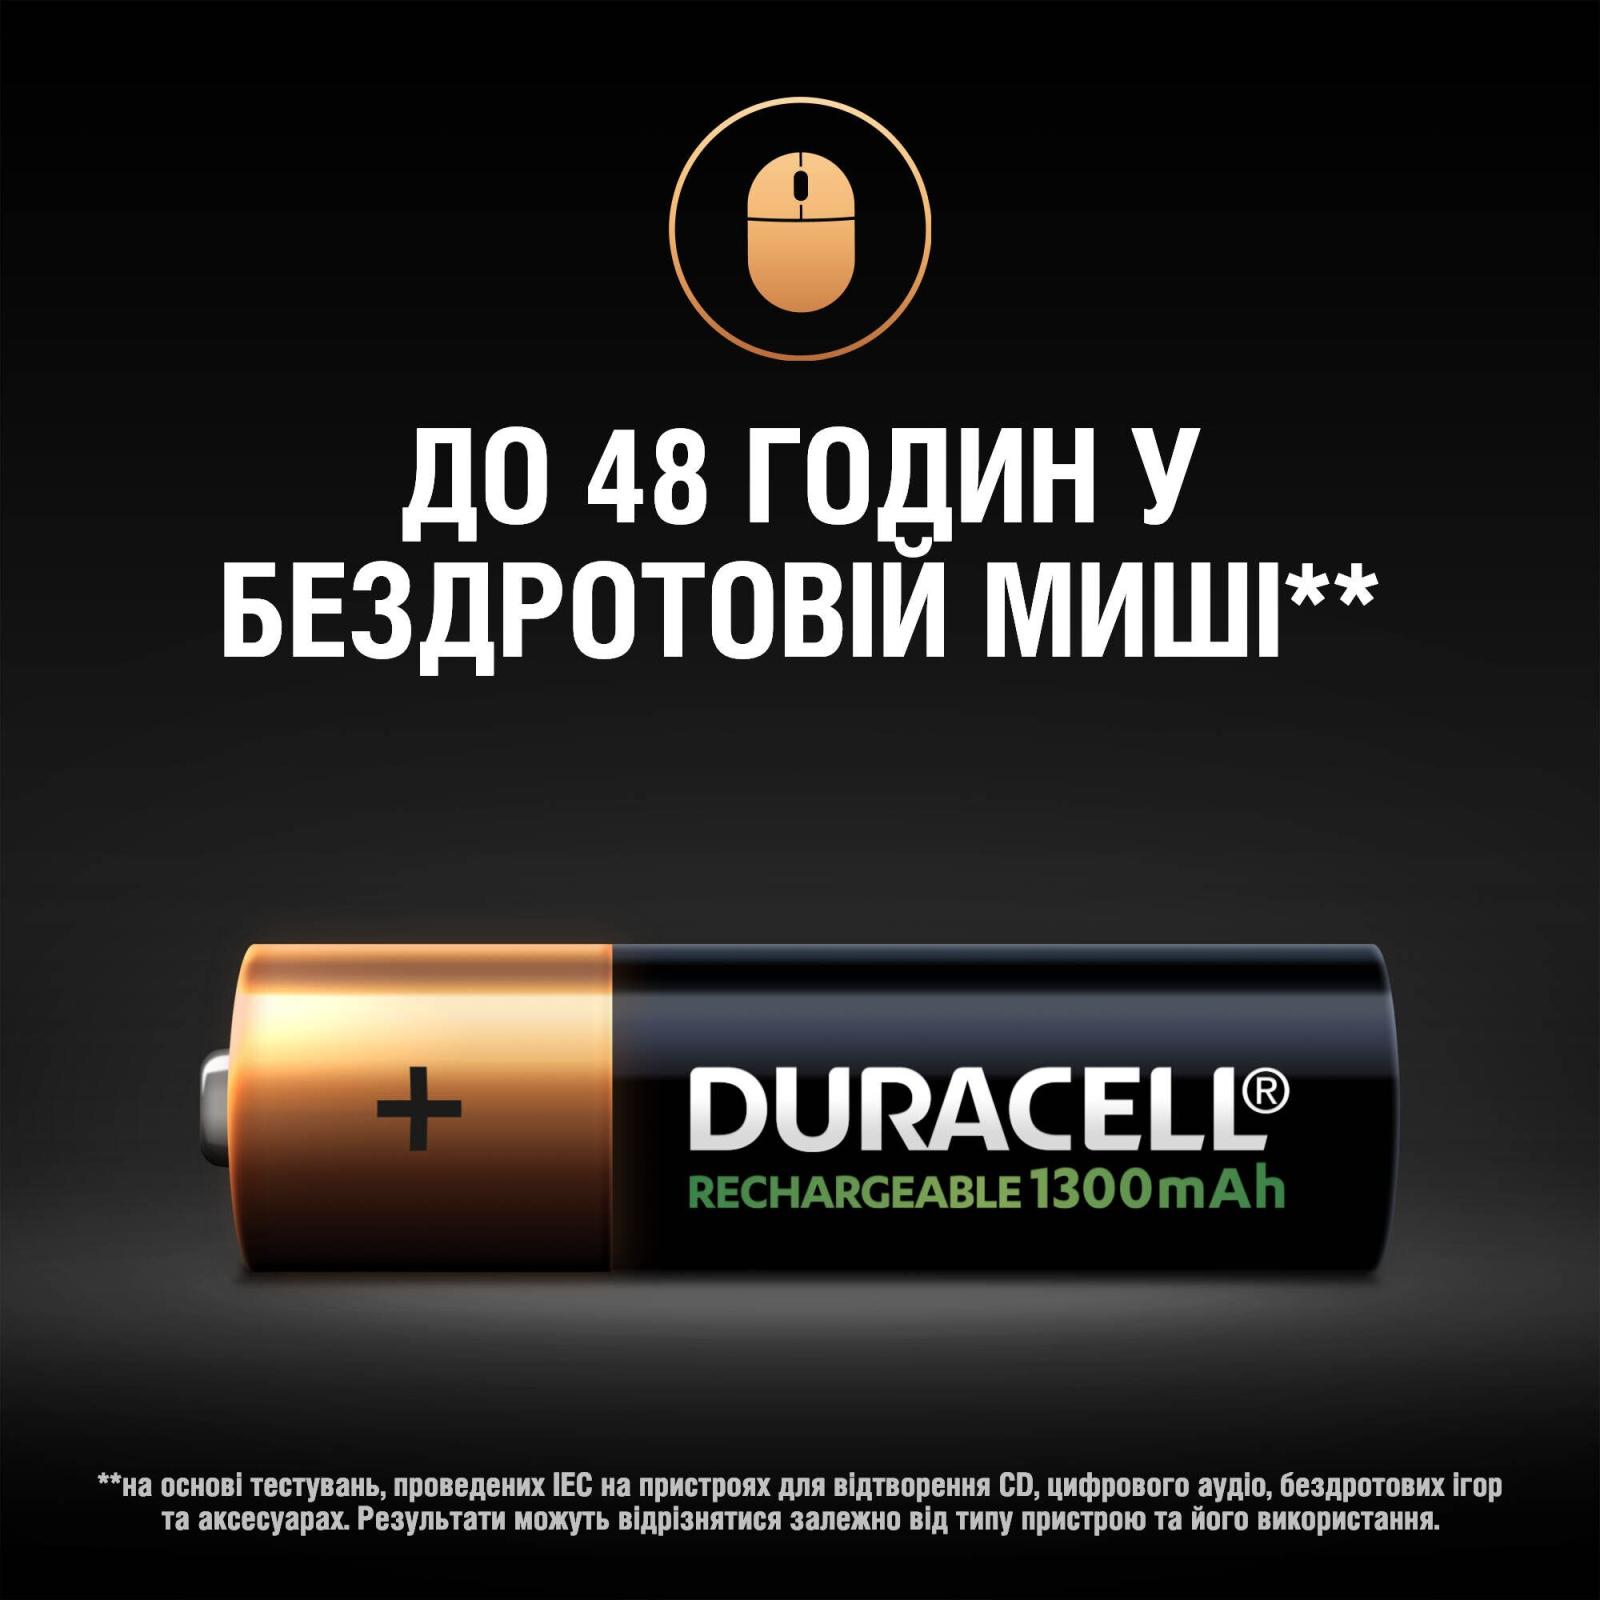 Аккумулятор Duracell AA HR6 1300mAh * 2 (81367175) изображение 6